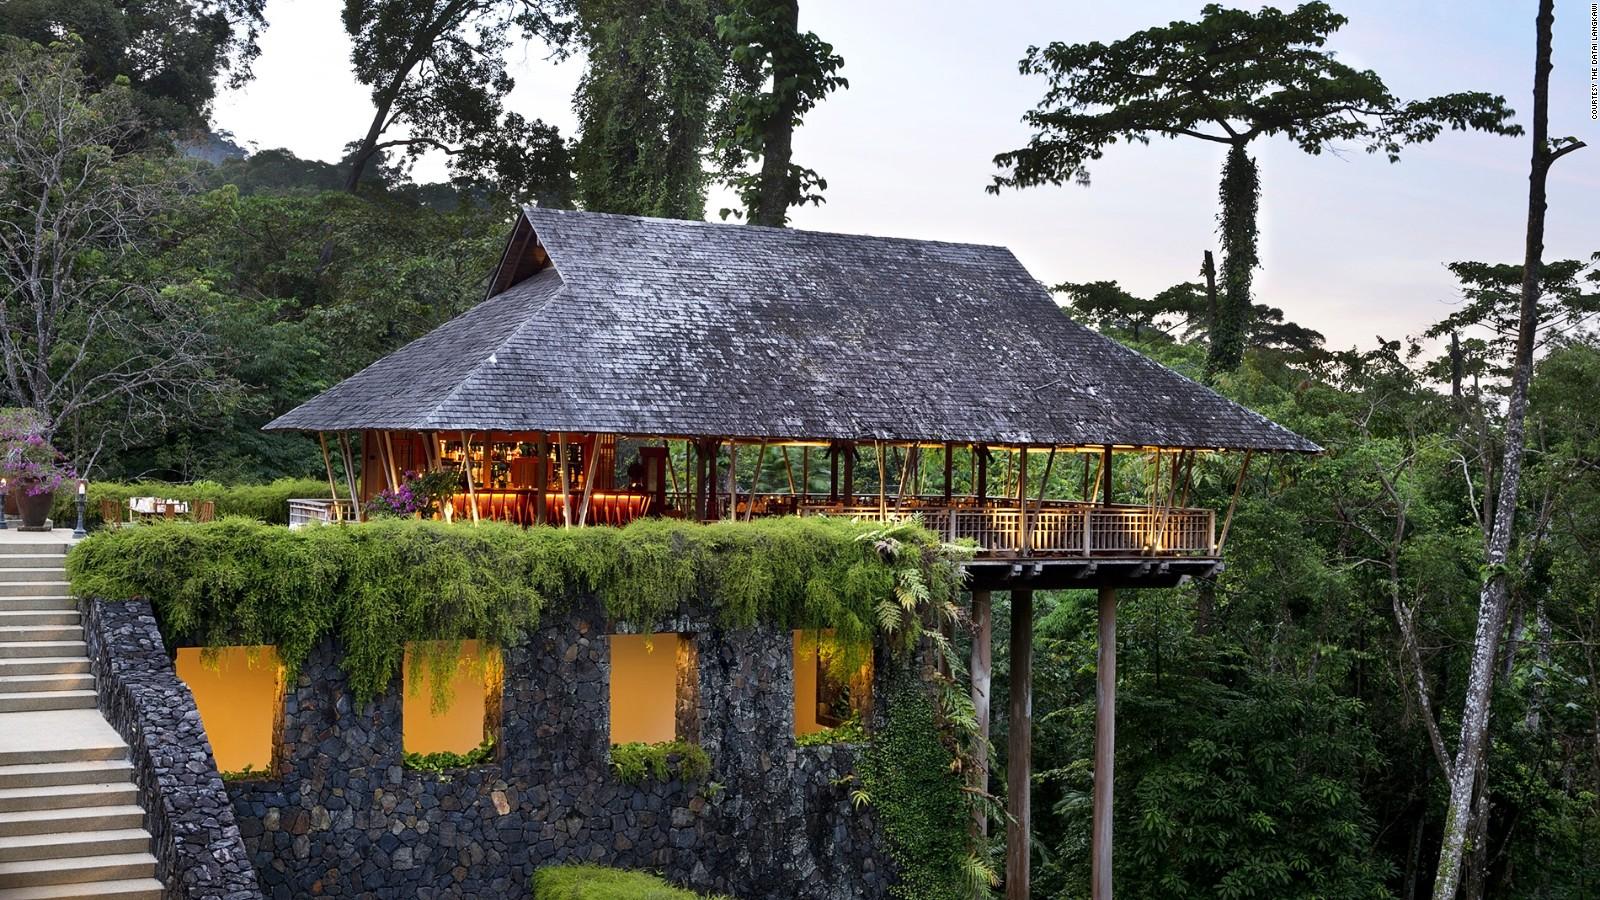 151112120601-malaysia-rainforest-resorts-datai3-full-169